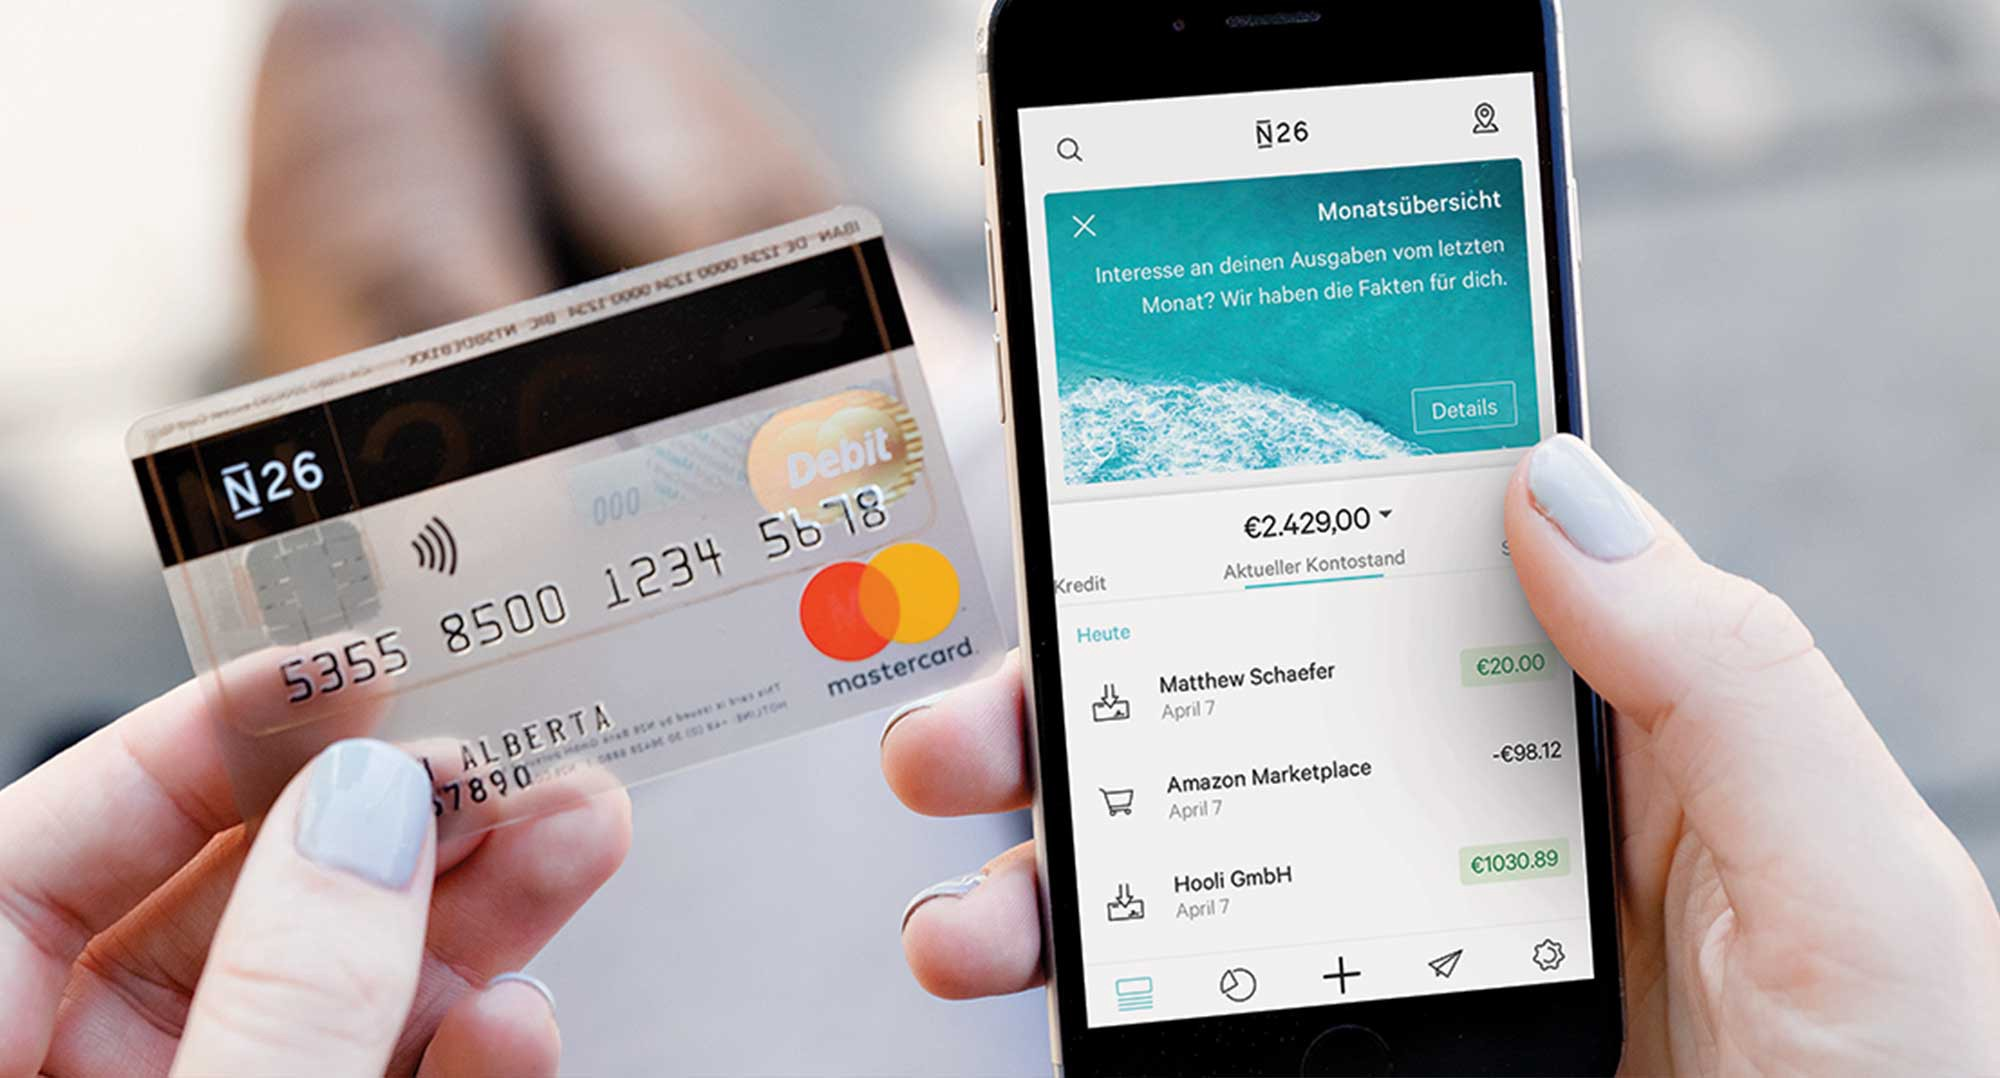 Không có chứng minh nhân dân có mở được tài khoản ngân hàng